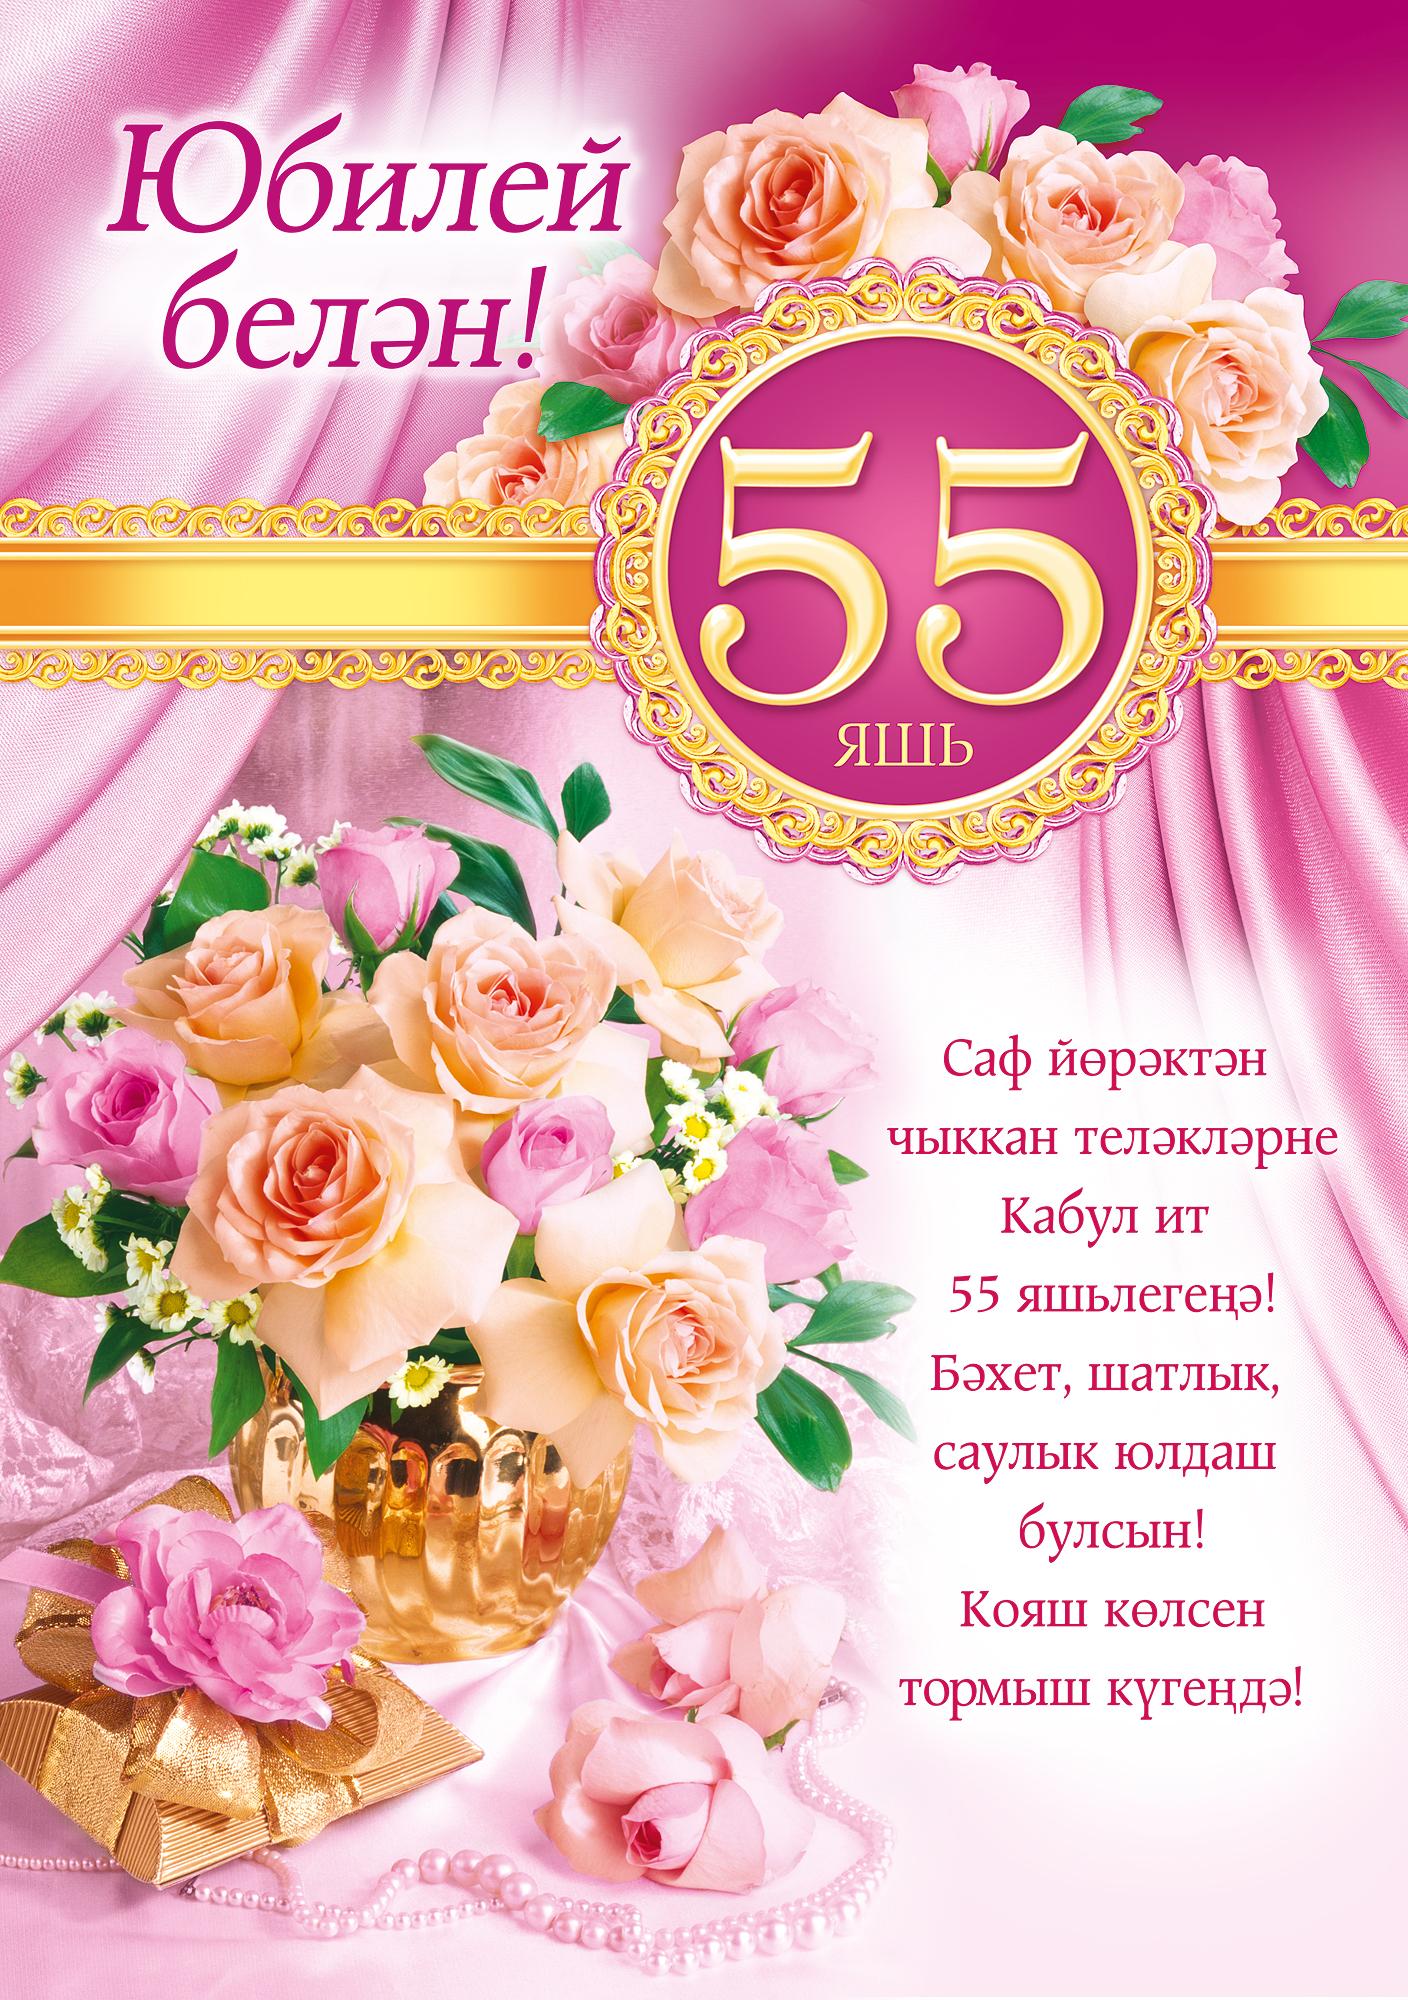 Поздравление с днём рождения женщине на татарском языке с 50 летием фото 98